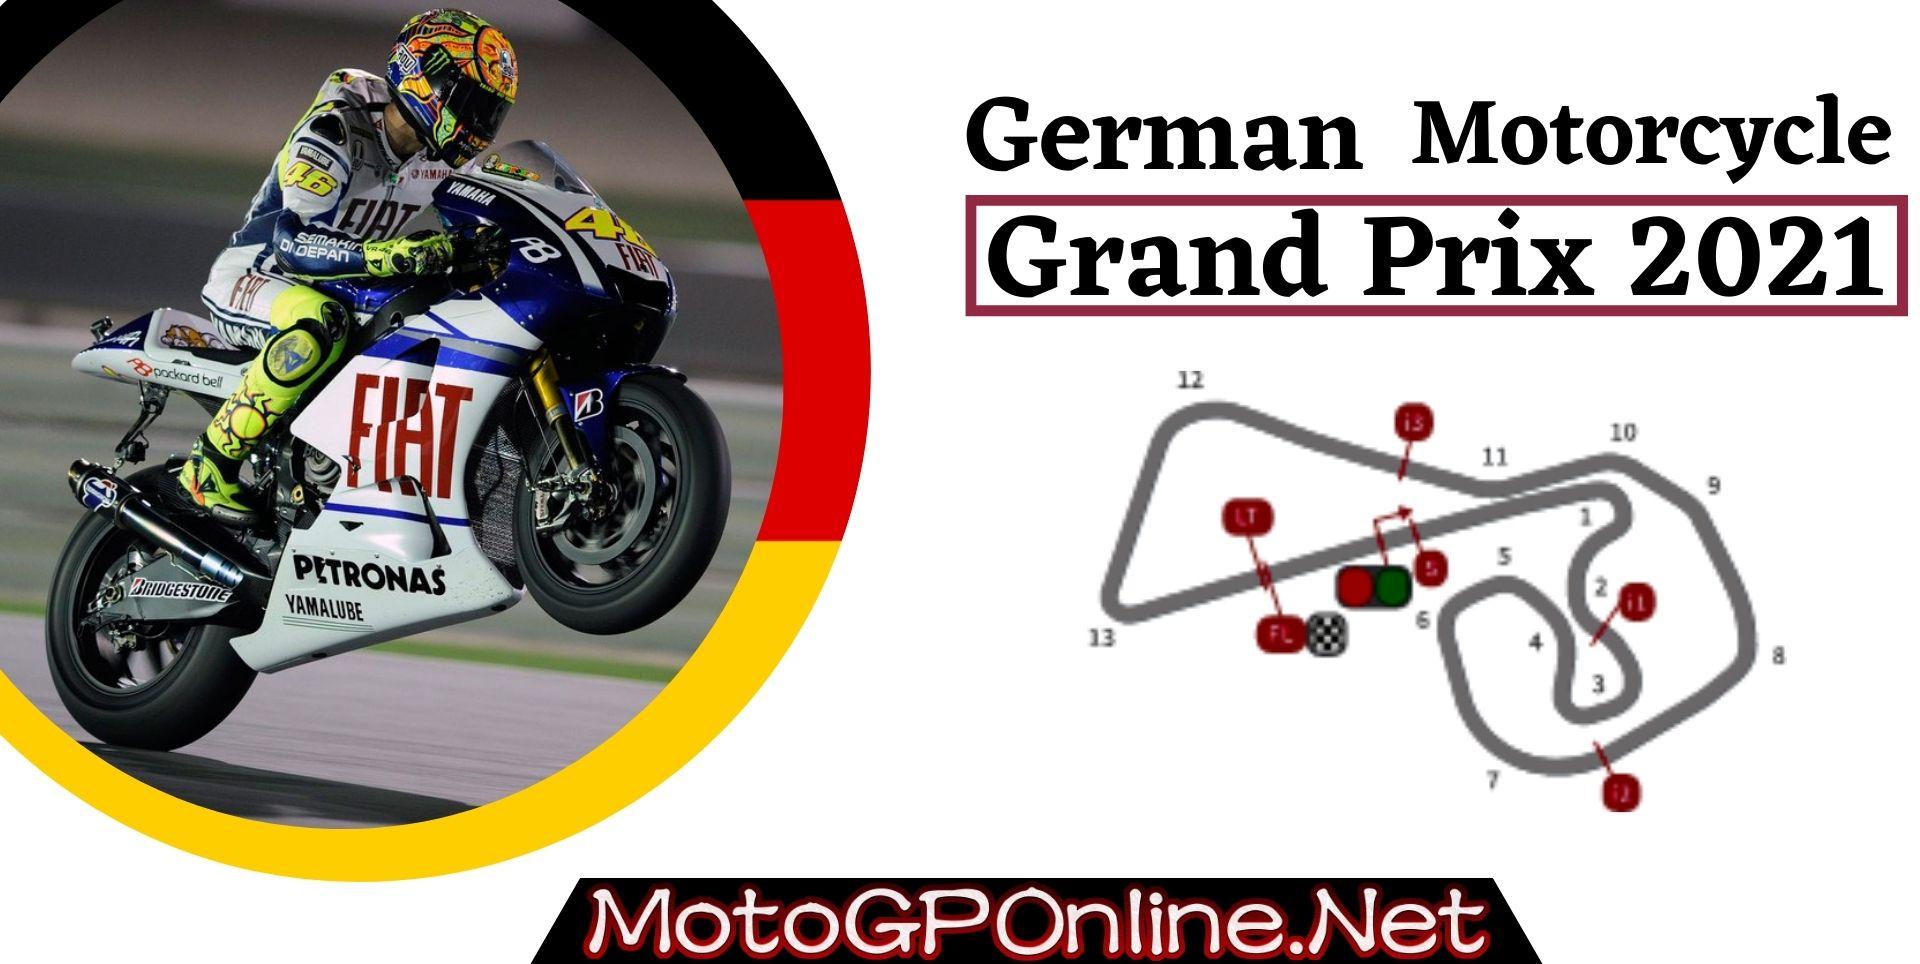 German Grand Prix Live Stream MotoGP 2021 | Full Race Replay